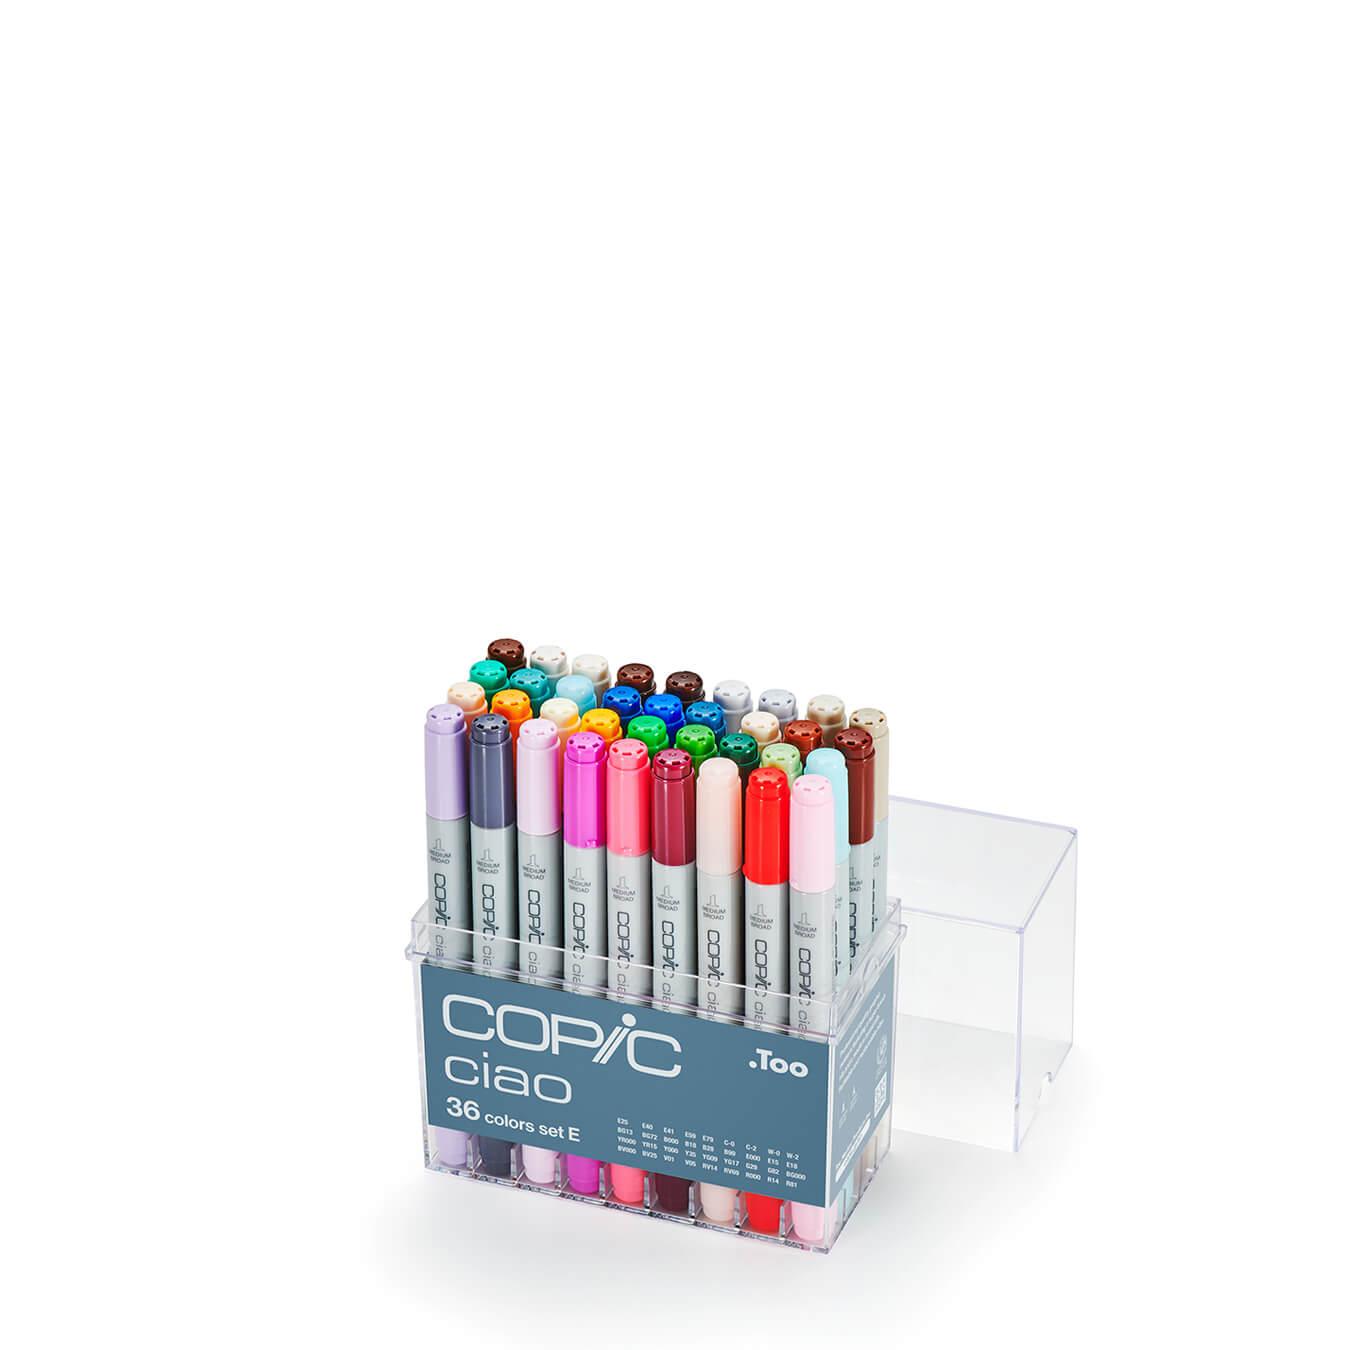 Copic Ciao 36 colors set E